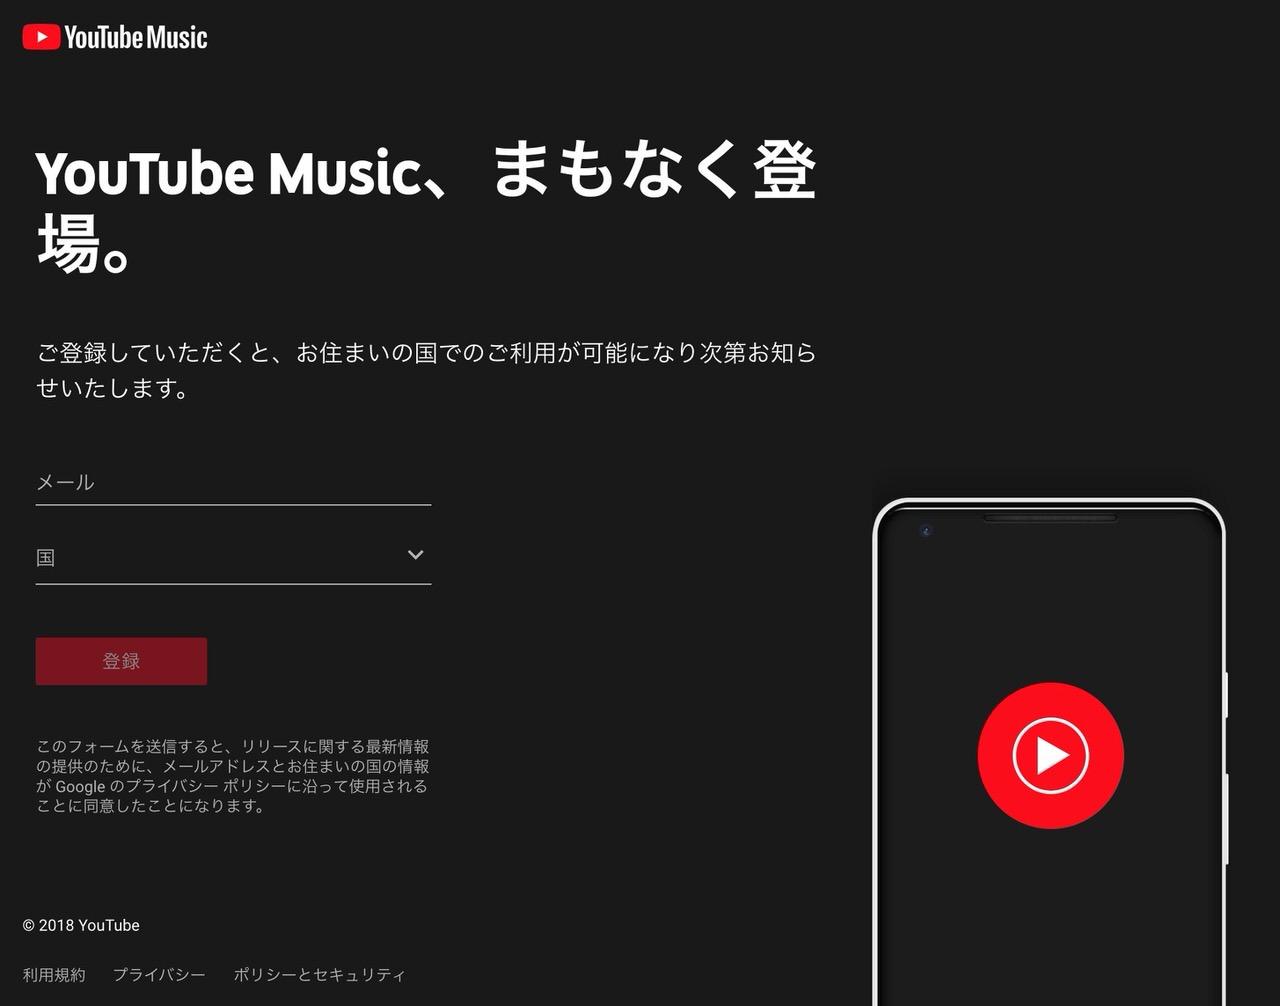 「YouTube Music」日本でも2018年9月からサービス開始か?